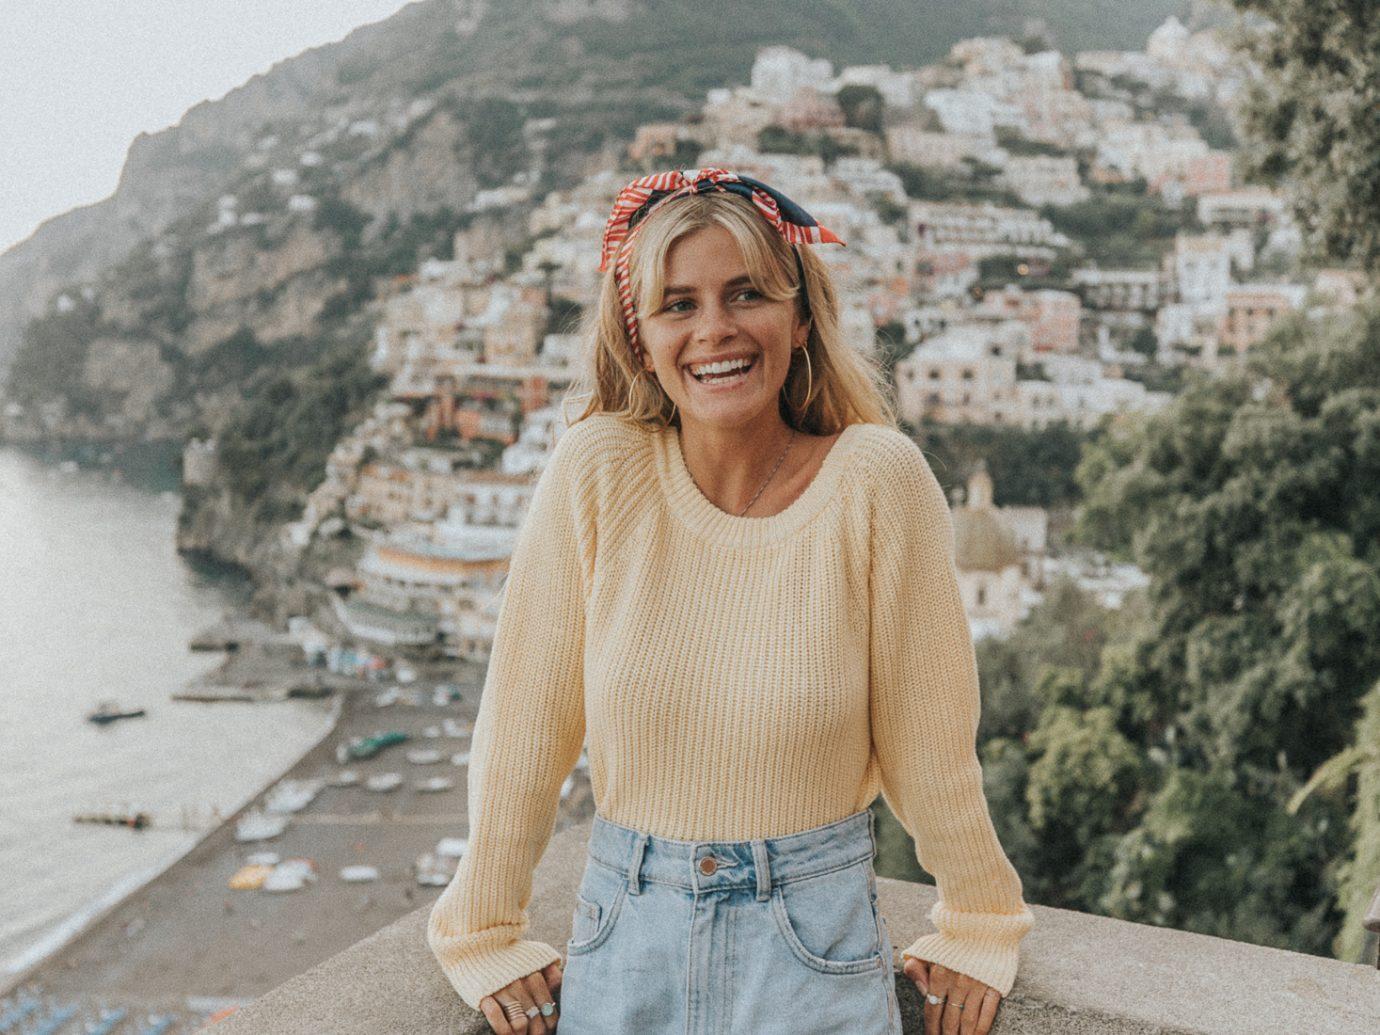 girl in Amalfi Italy